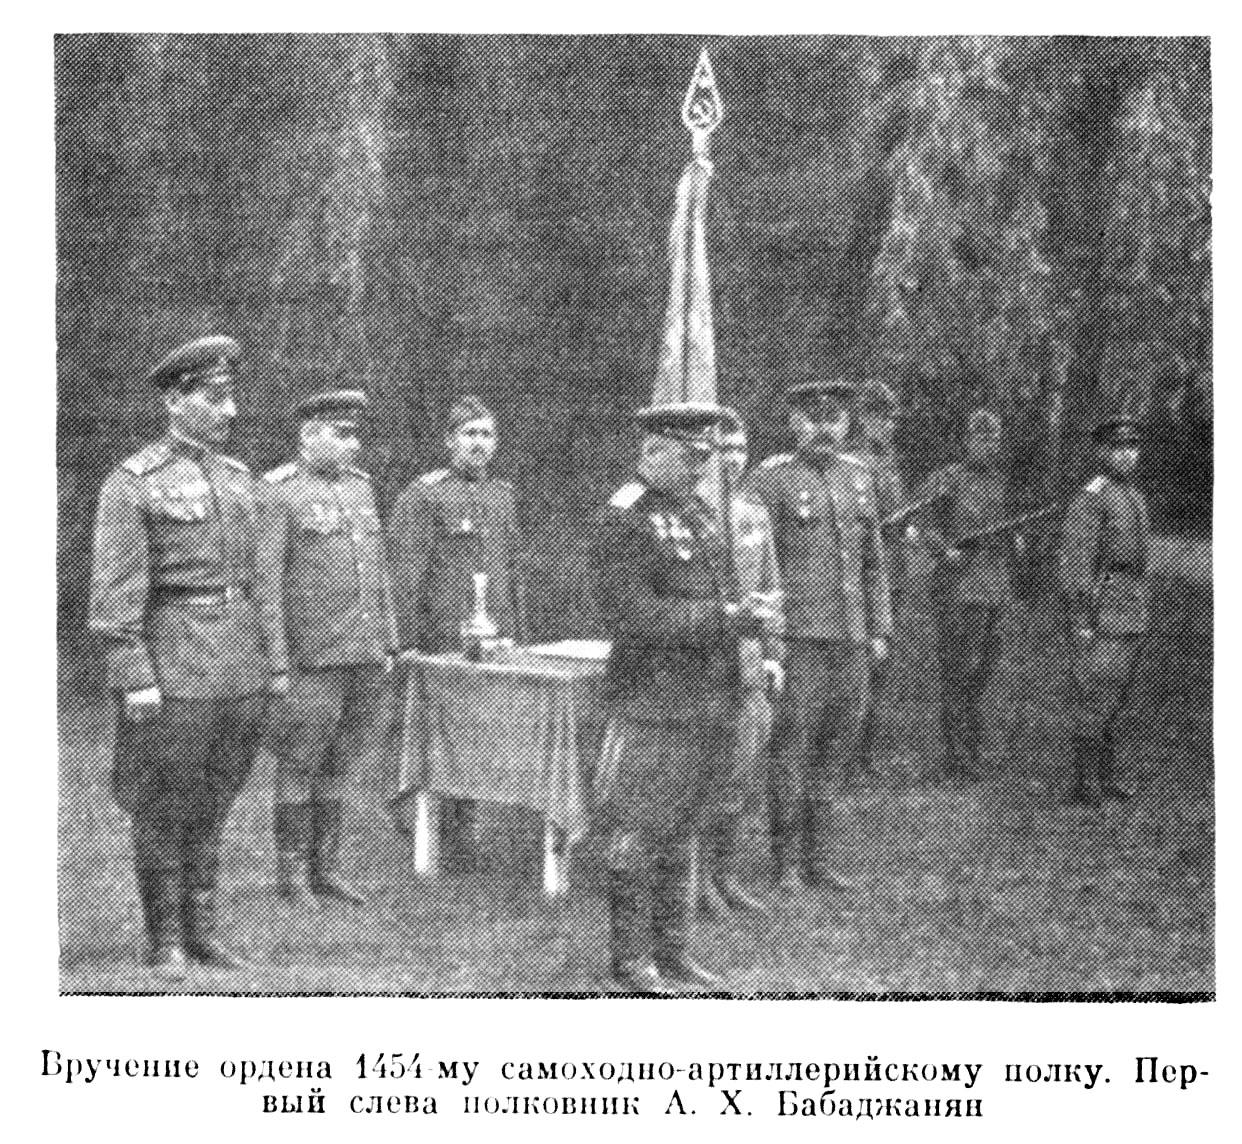 http://nkosterev.narod.ru/vov/mem_3/foto/221.jpg